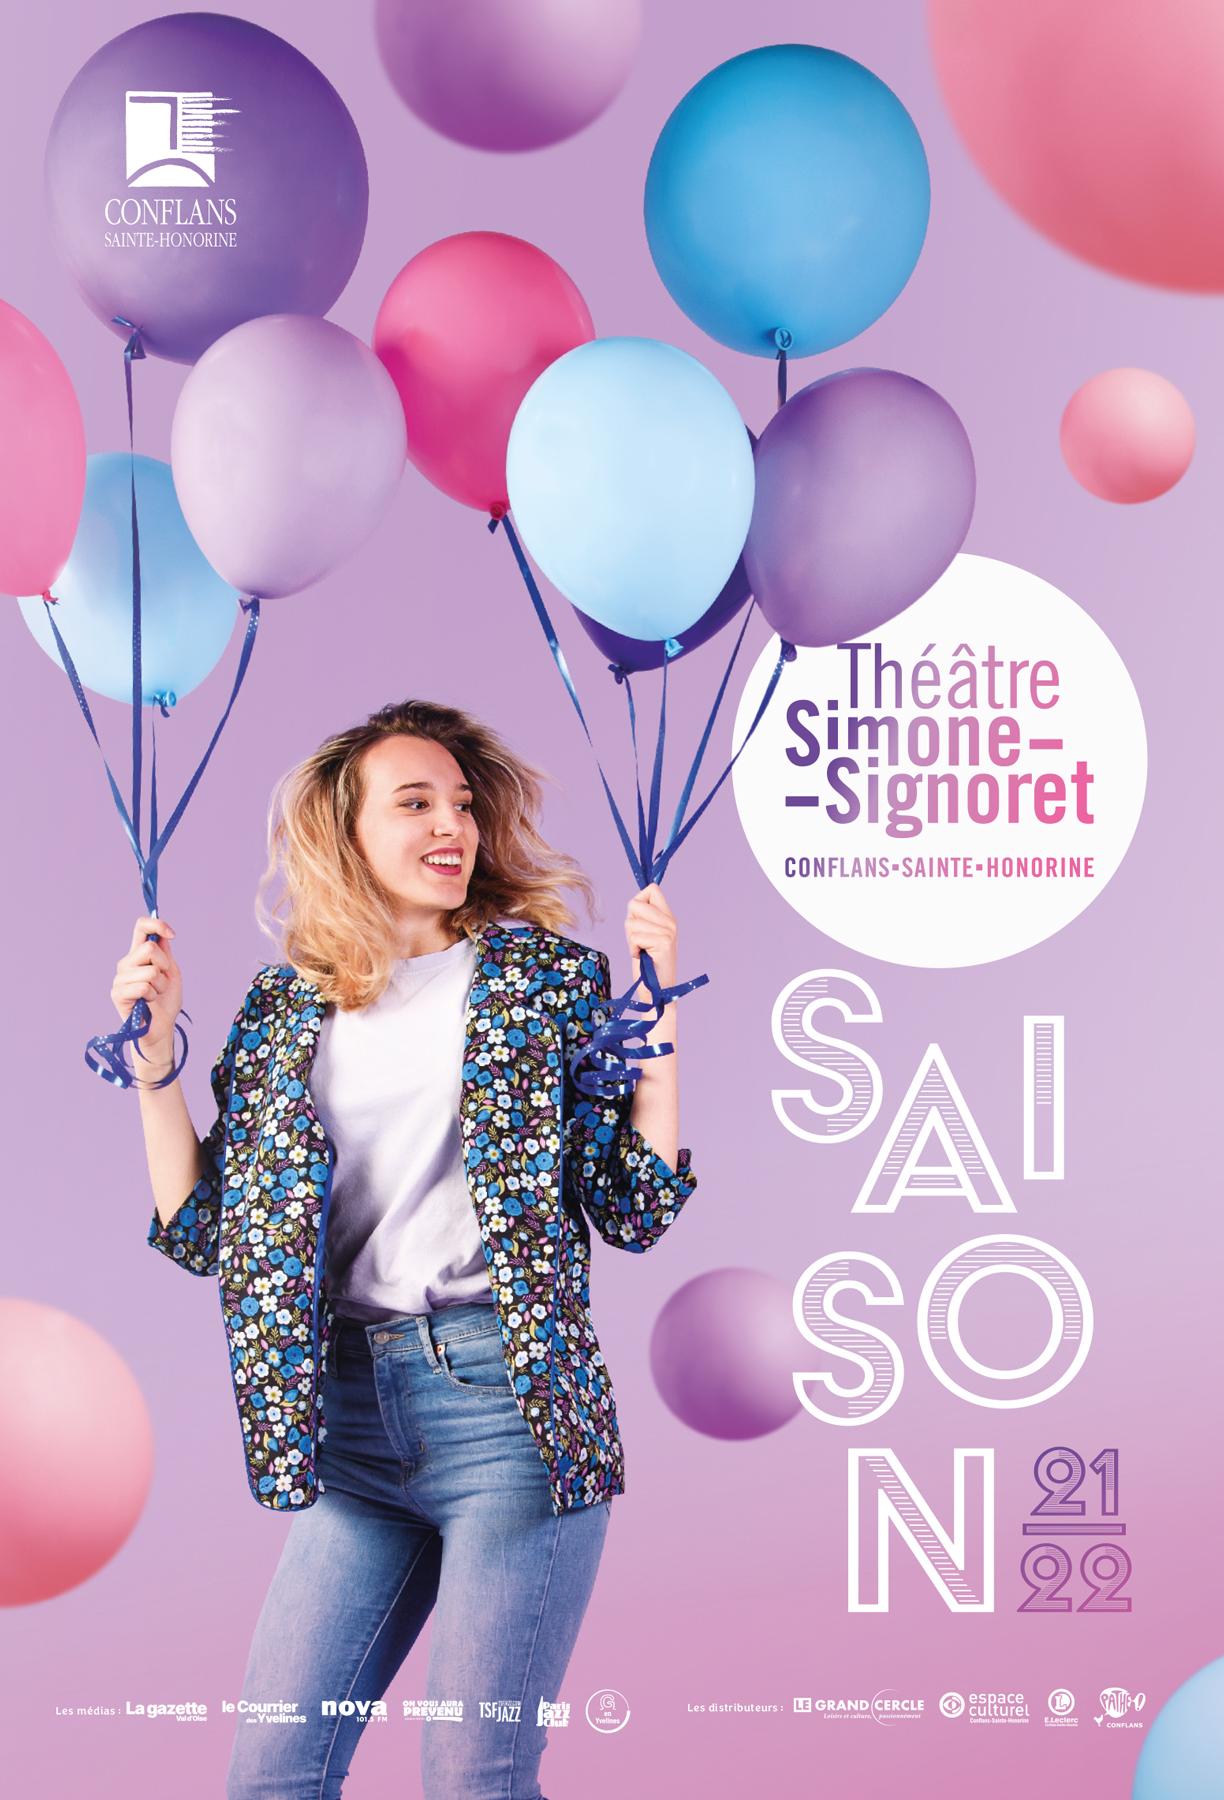 sarah-scaniglia-affiche-mairie-theatre-festival-conflans-sainte-honorine-ballons-colorful-nantes-culture-publicite-communication-photographe-photographie-art-institutionnel